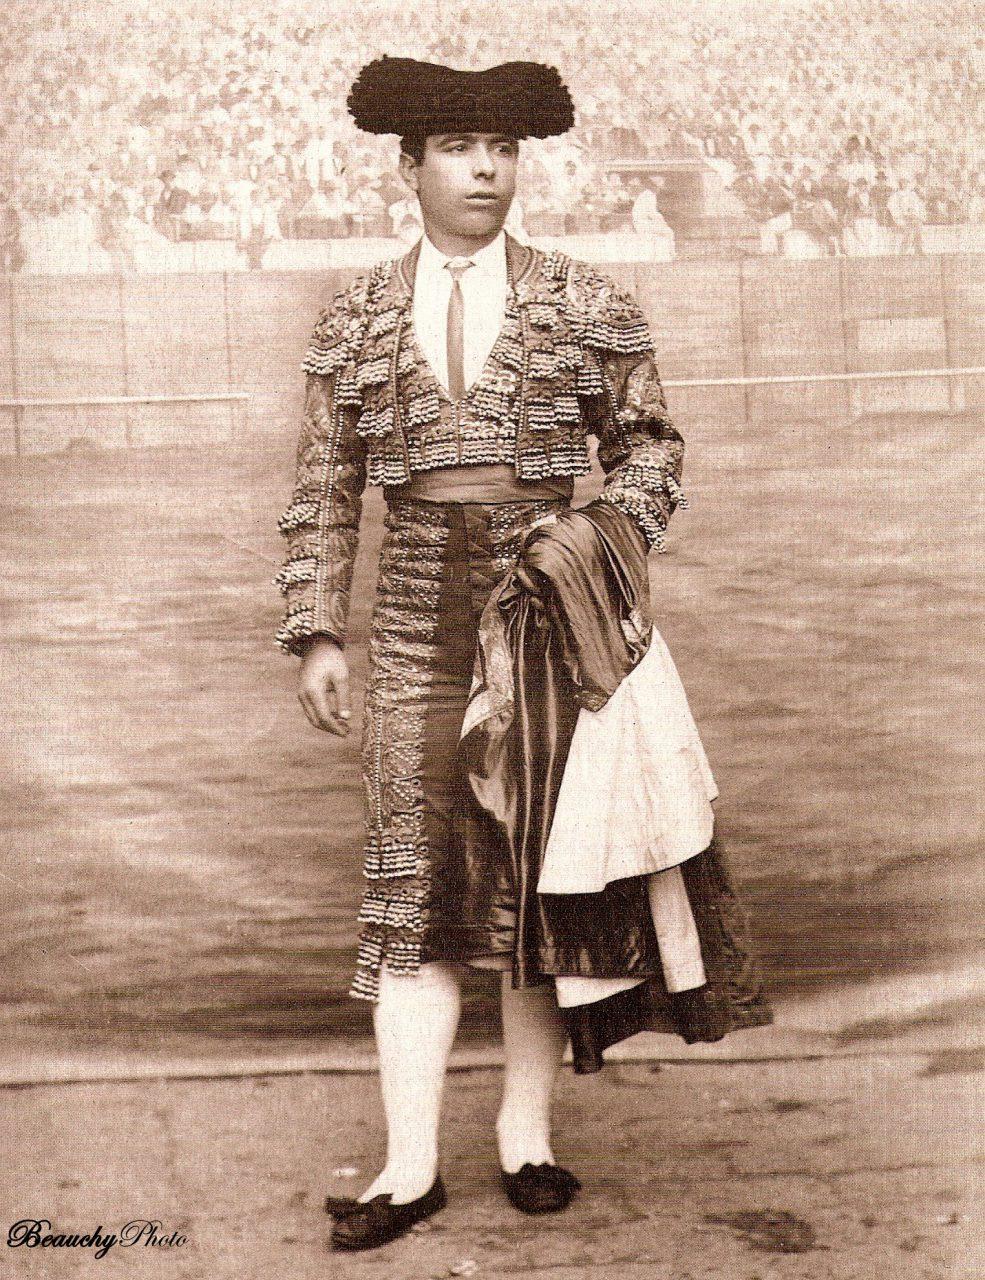 Torero José Roger y Durán Valencia 1890